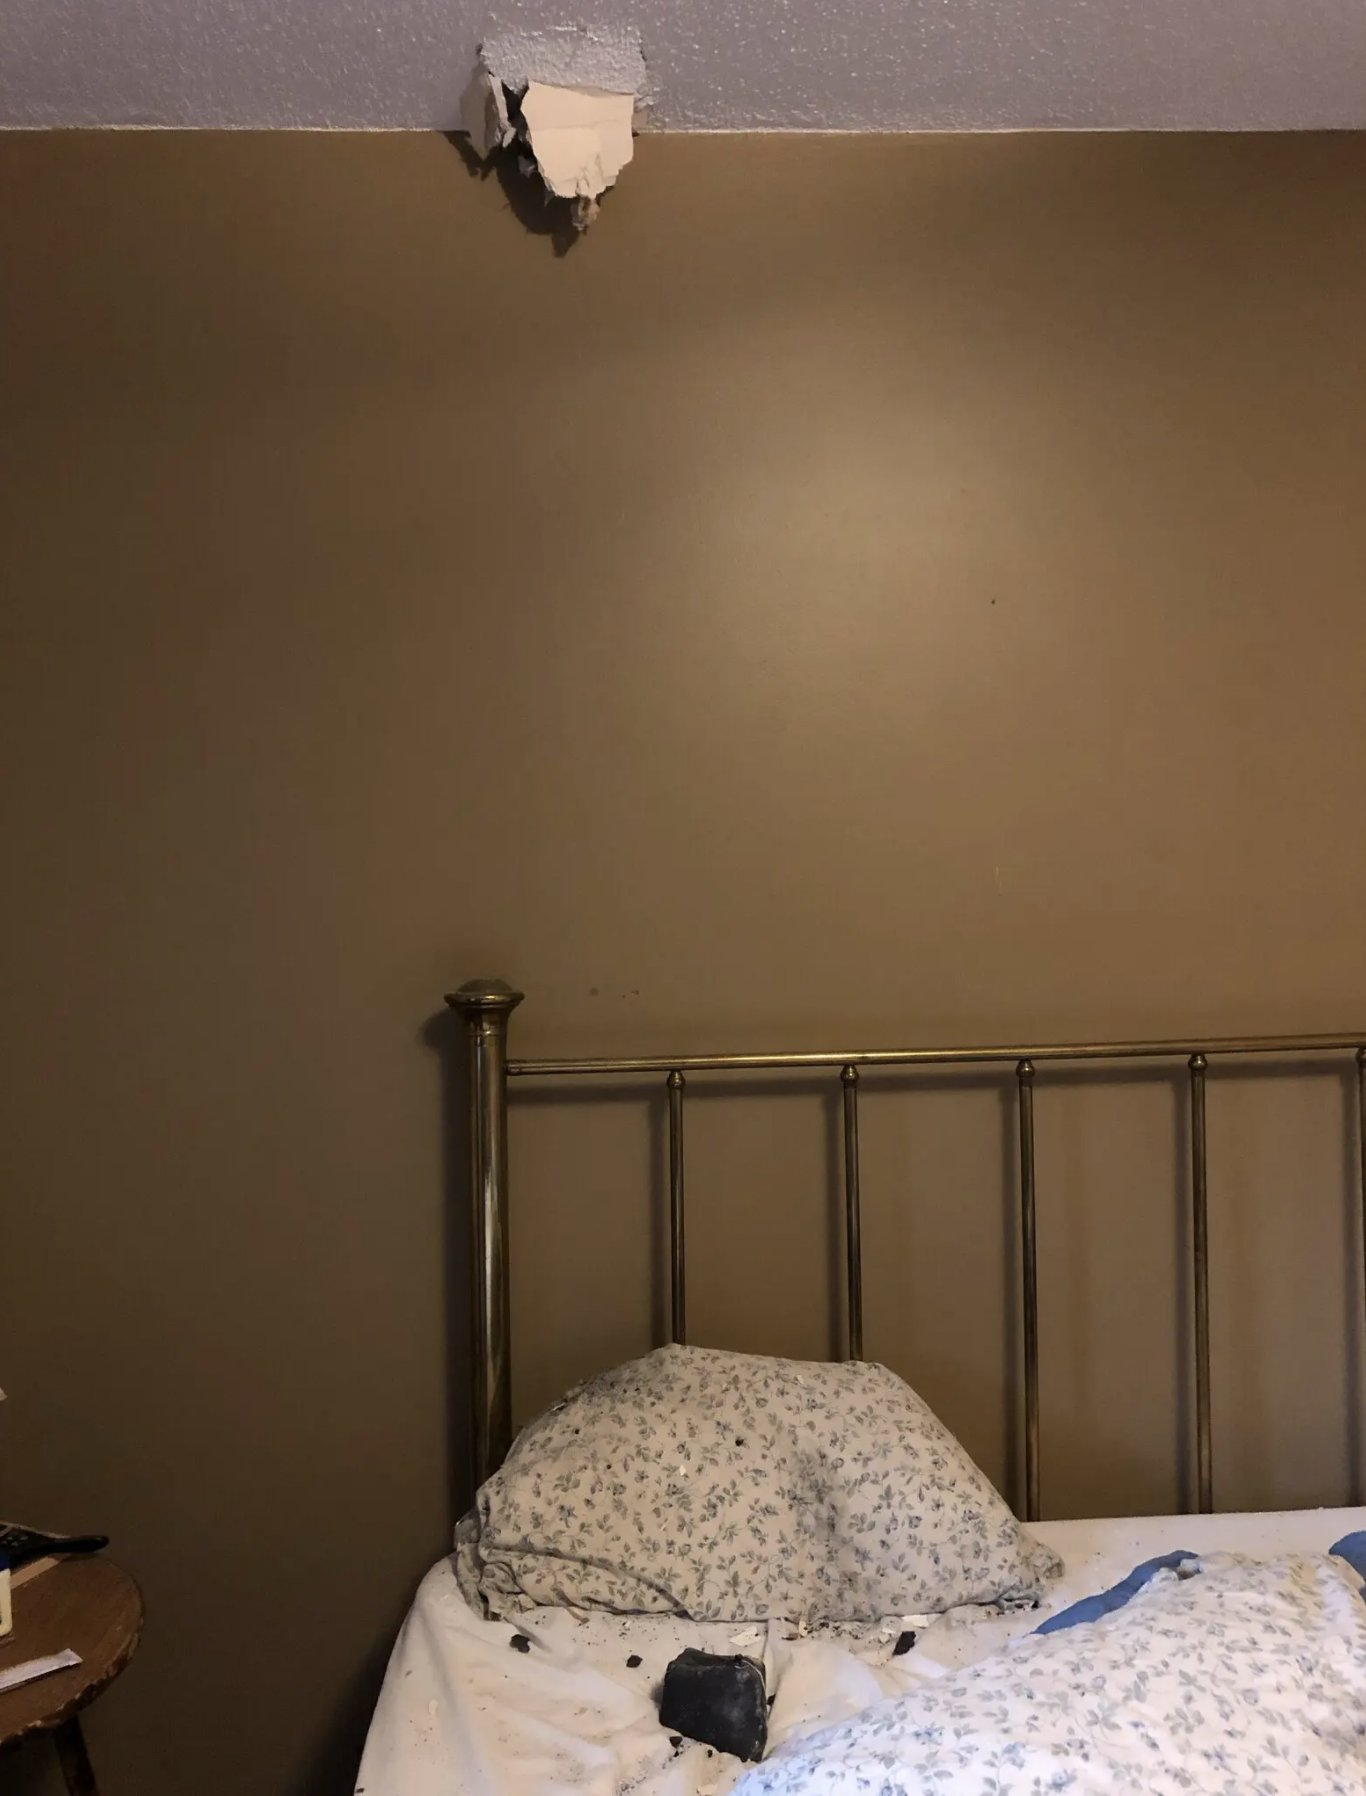 Meteorito atraviesa el techo de una casa y cae en la cama de una mujer en Canadá. Foto Twitter @JamesPrestonZA